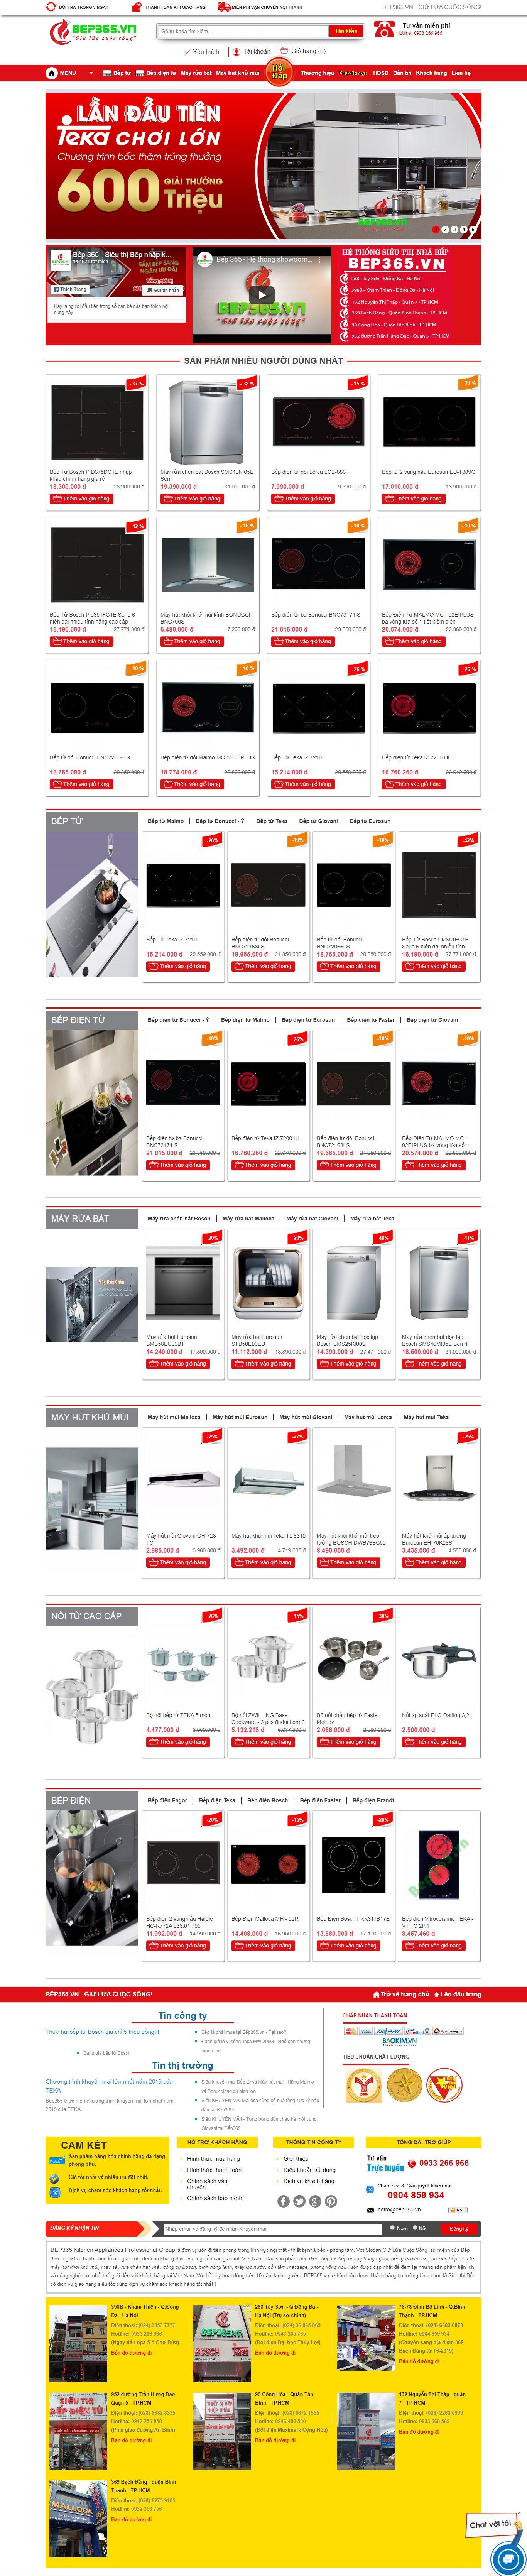 Thiết Kế Web Bán Bếp Từ Bếp 365 đẹp, chuyên nghiệp chuẩn SEO